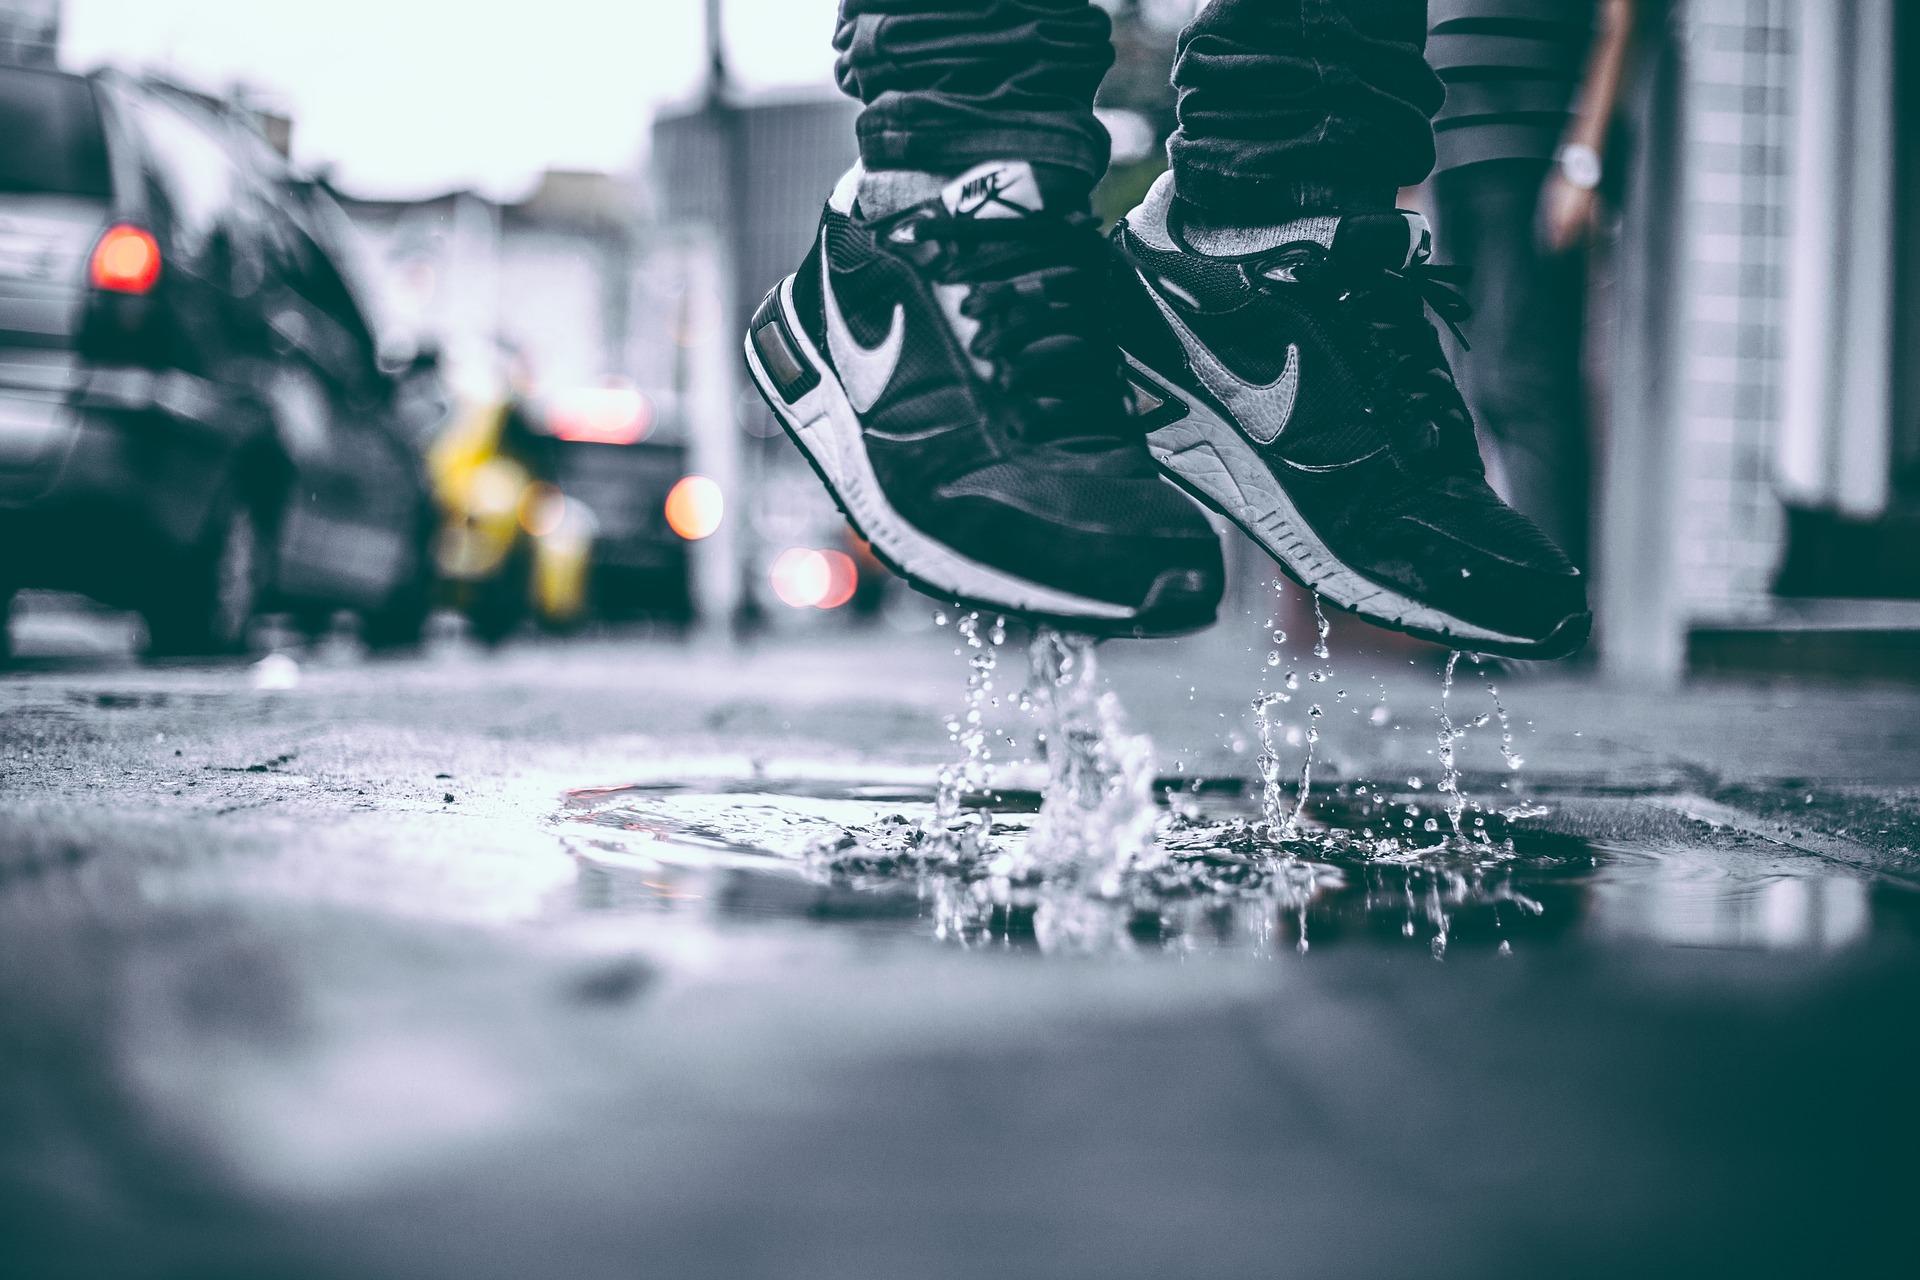 sneakers springen